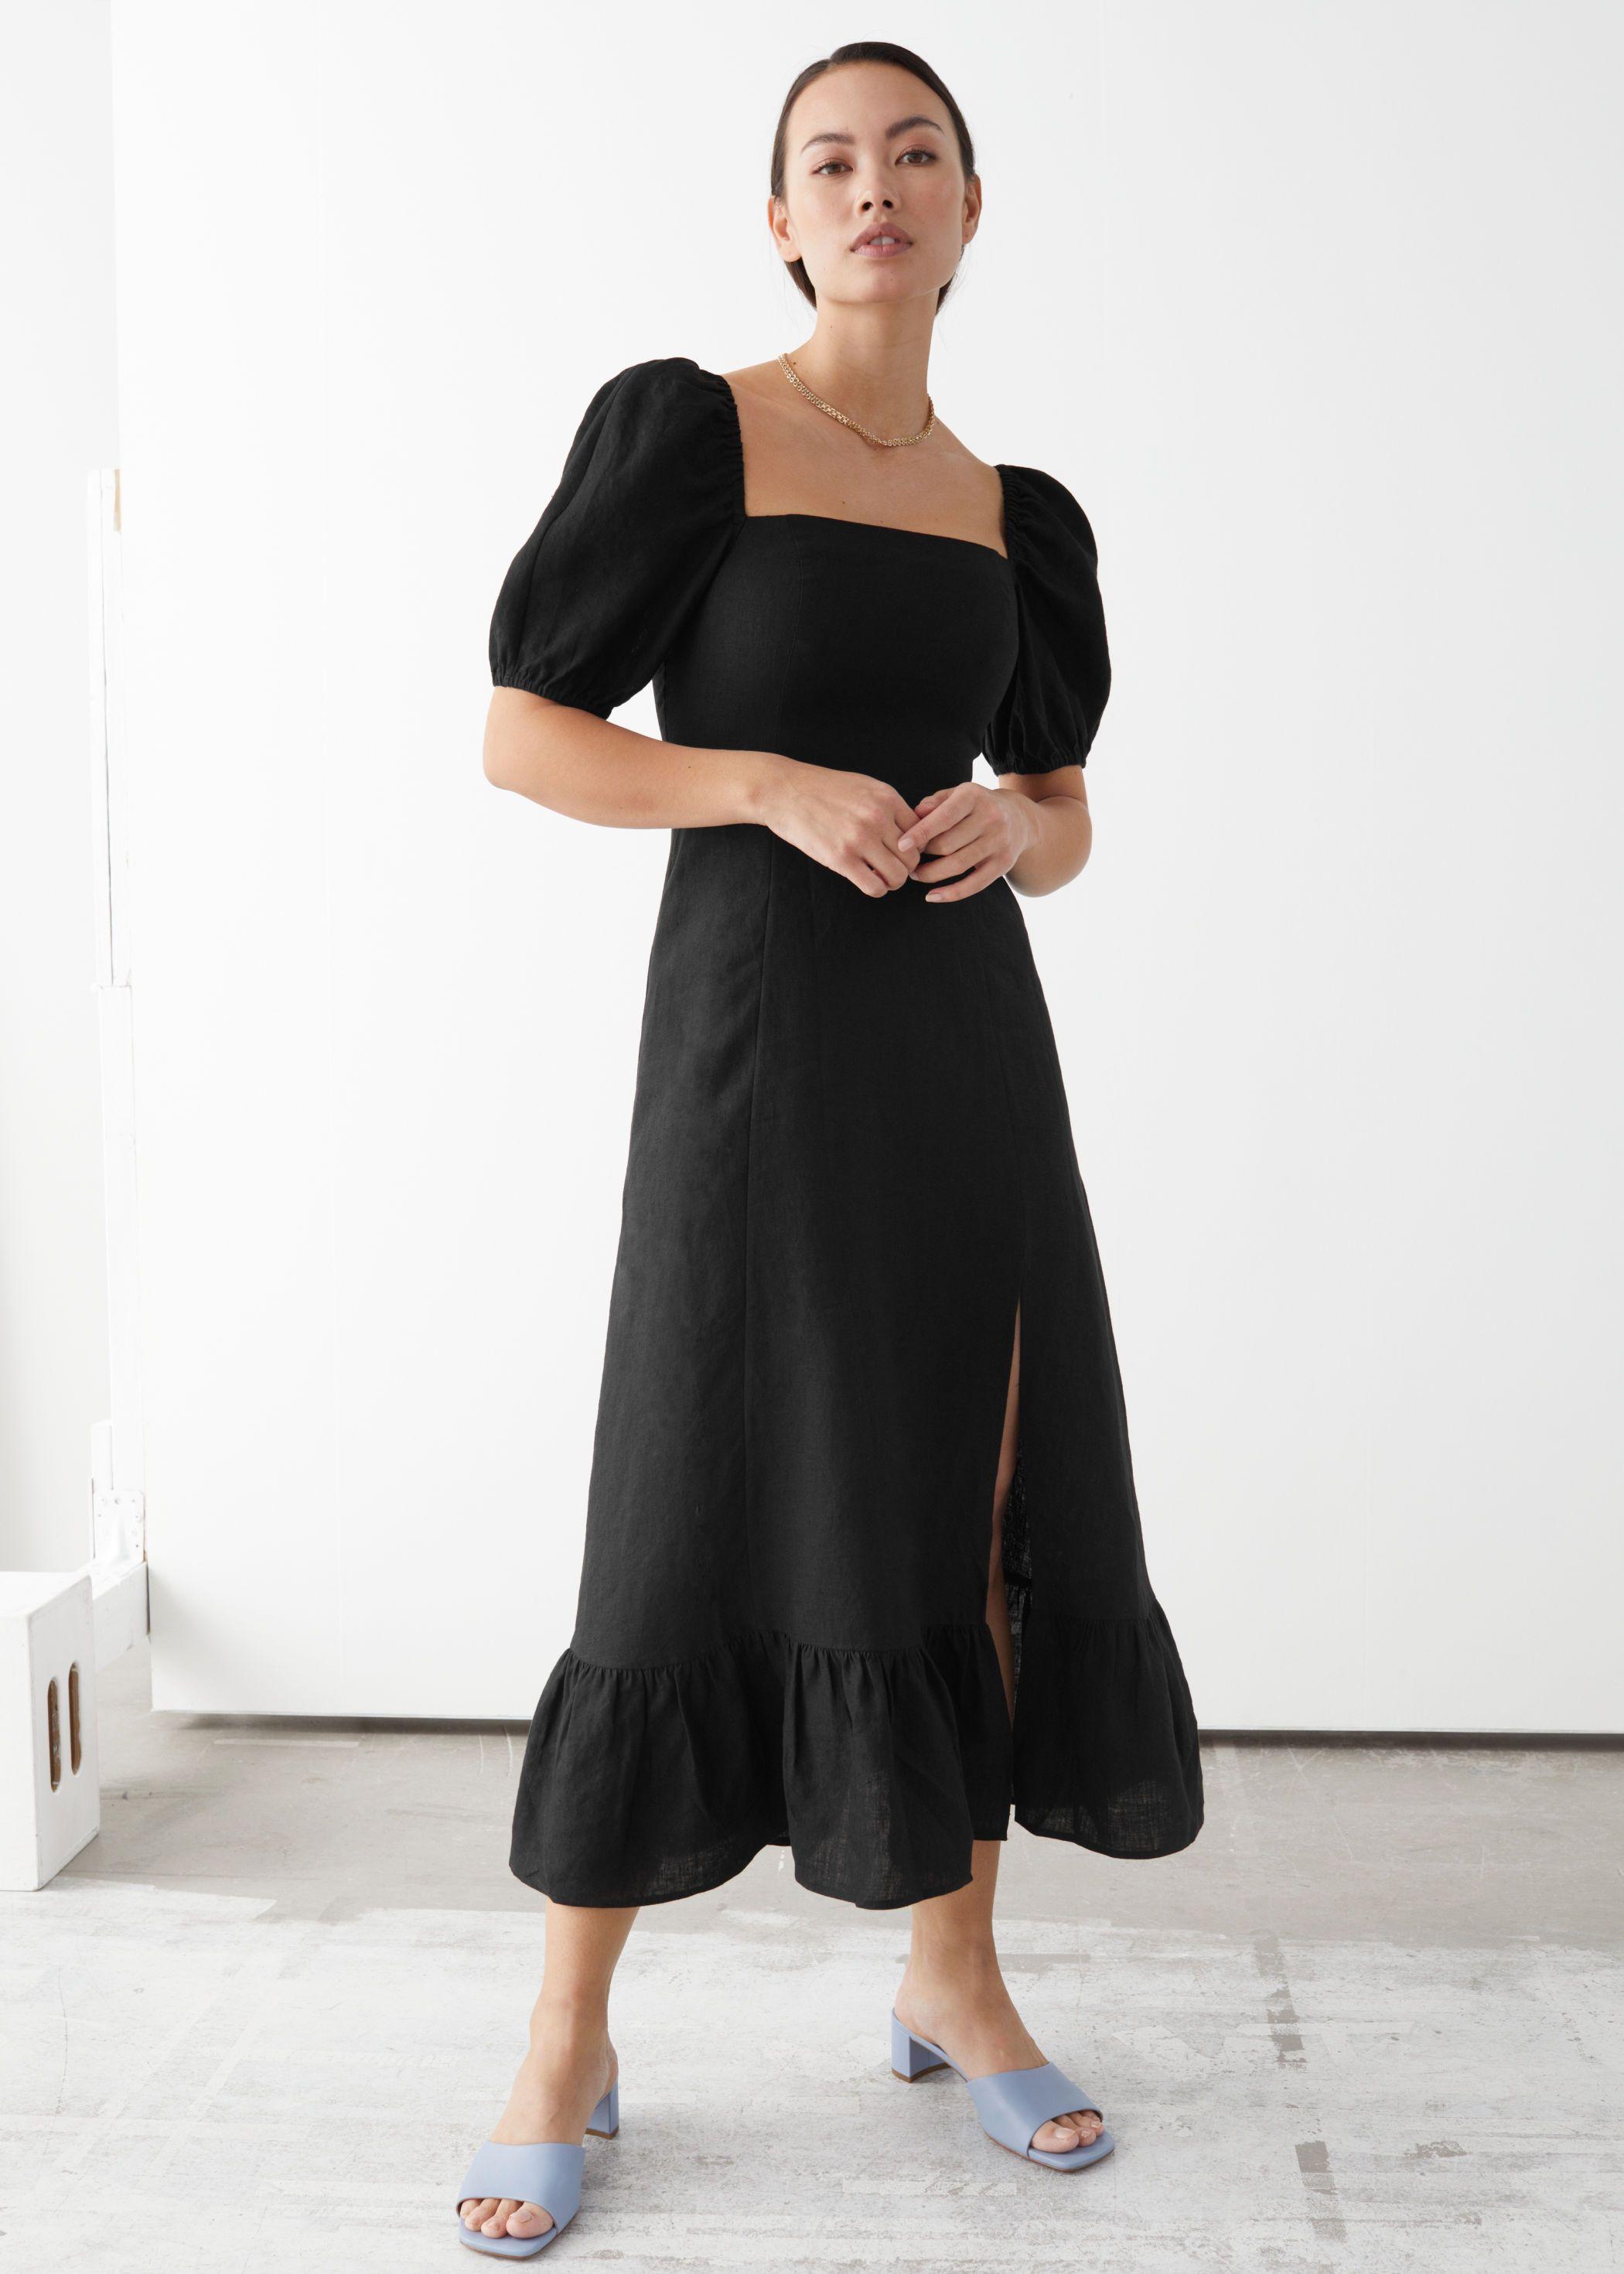 Linen Puff Sleeve Midi Dress Puff Sleeve Midi Dresses Midi Dress With Sleeves Puff Sleeve Dresses [ 2940 x 2100 Pixel ]